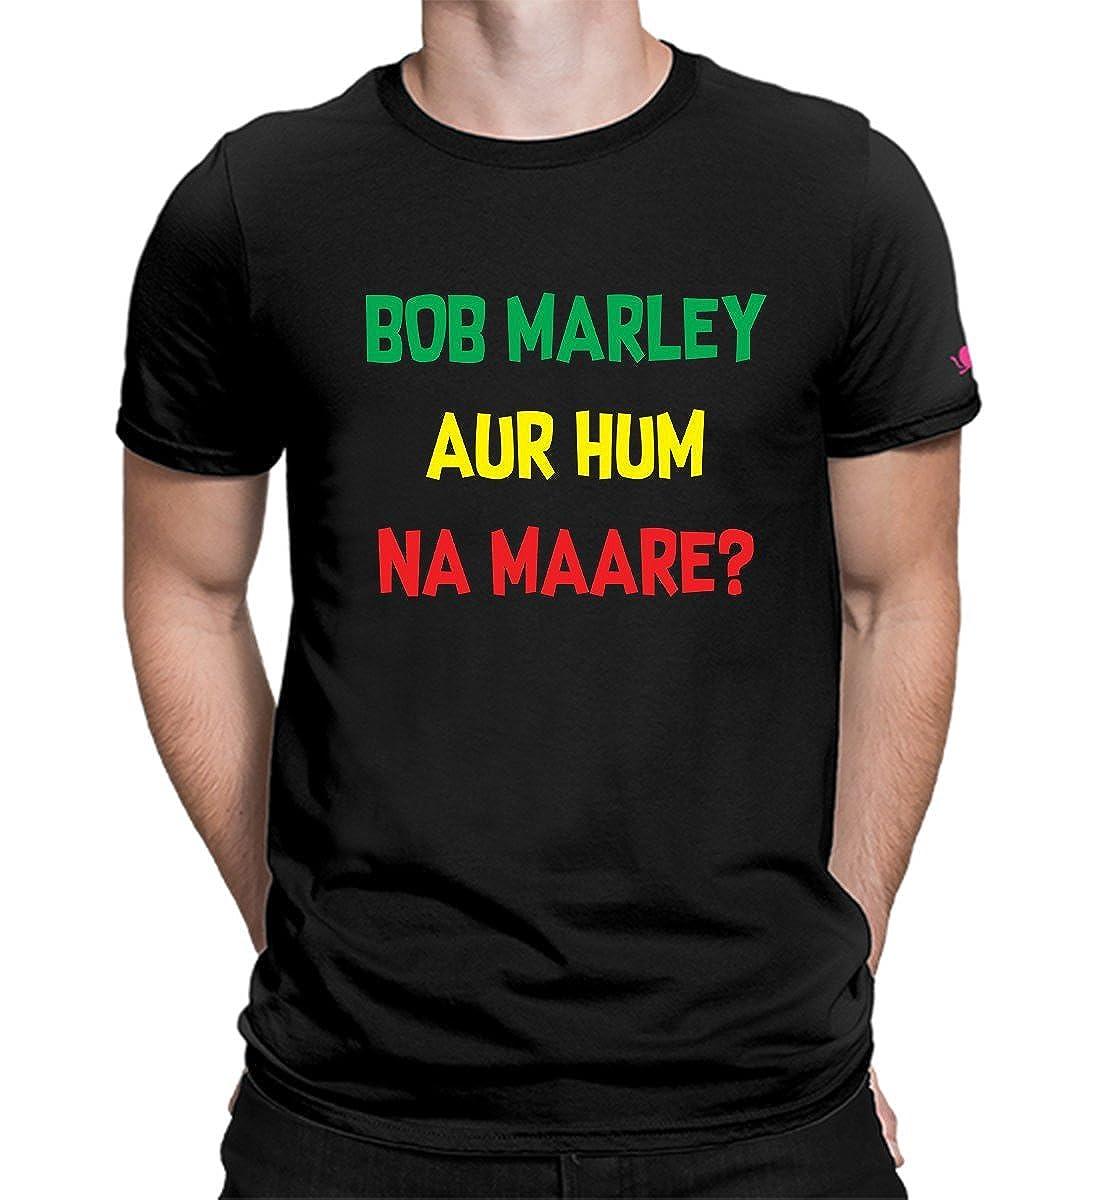 Funny Gifts - Bob Marley T-Shirt